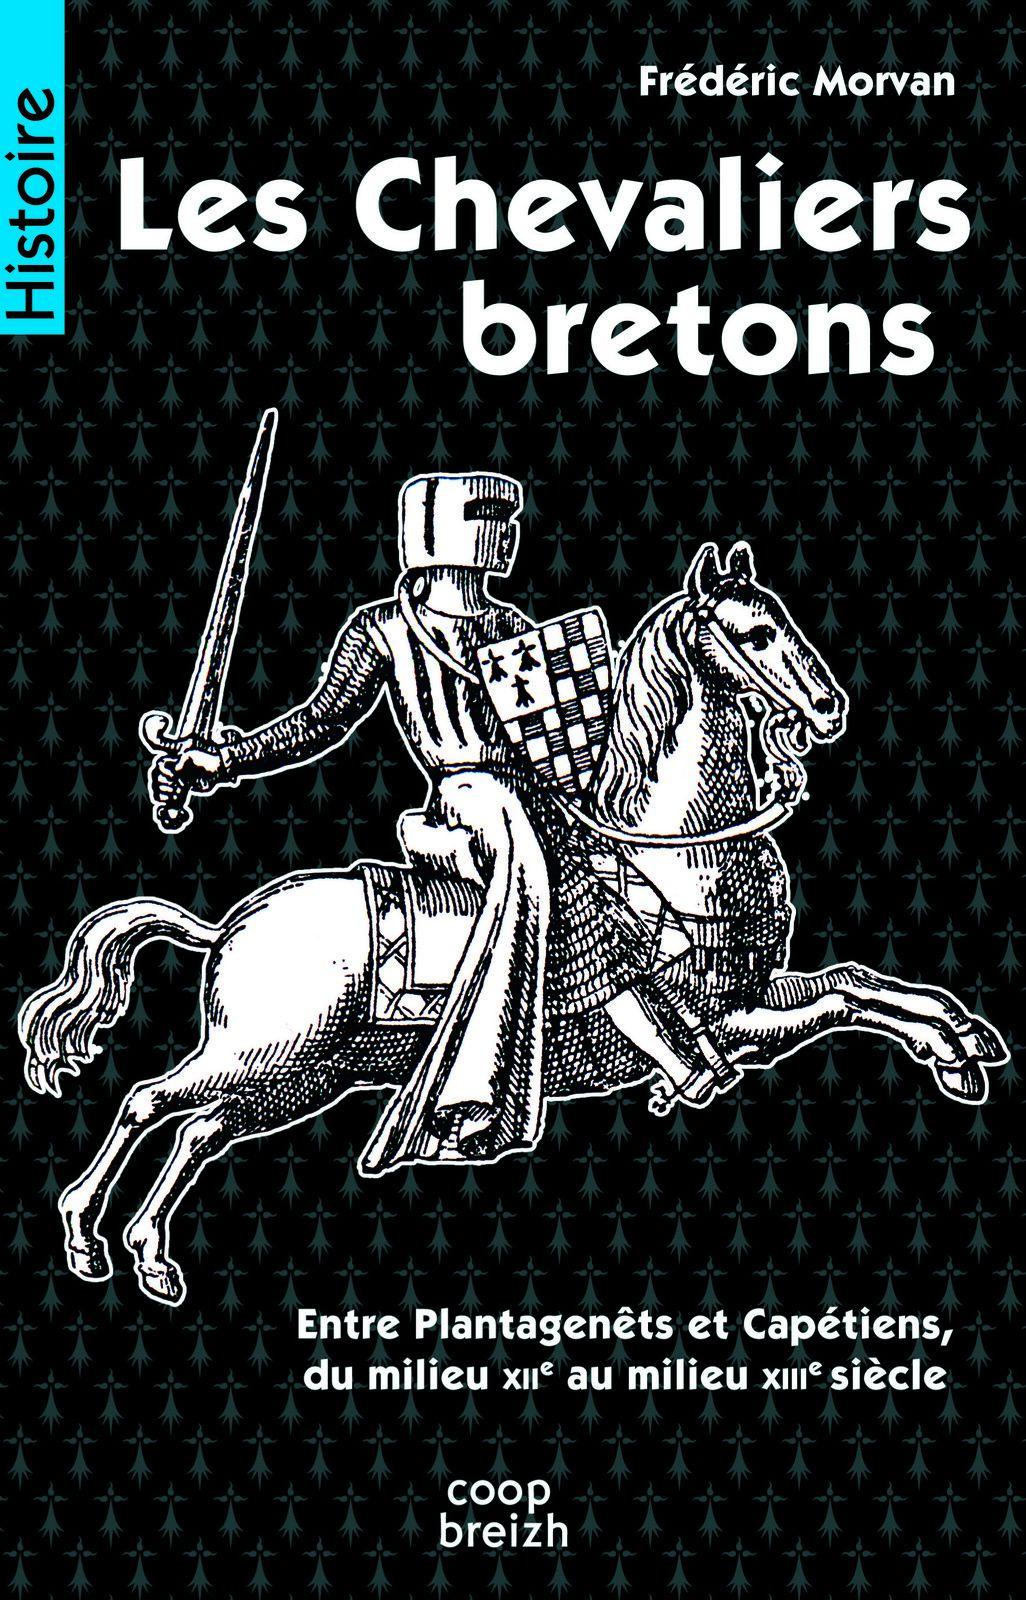 Bouquins en Bretagne sur Alternantes FM : Invités, Rémy Prin et Frédéric Morvan. Octobre 2014